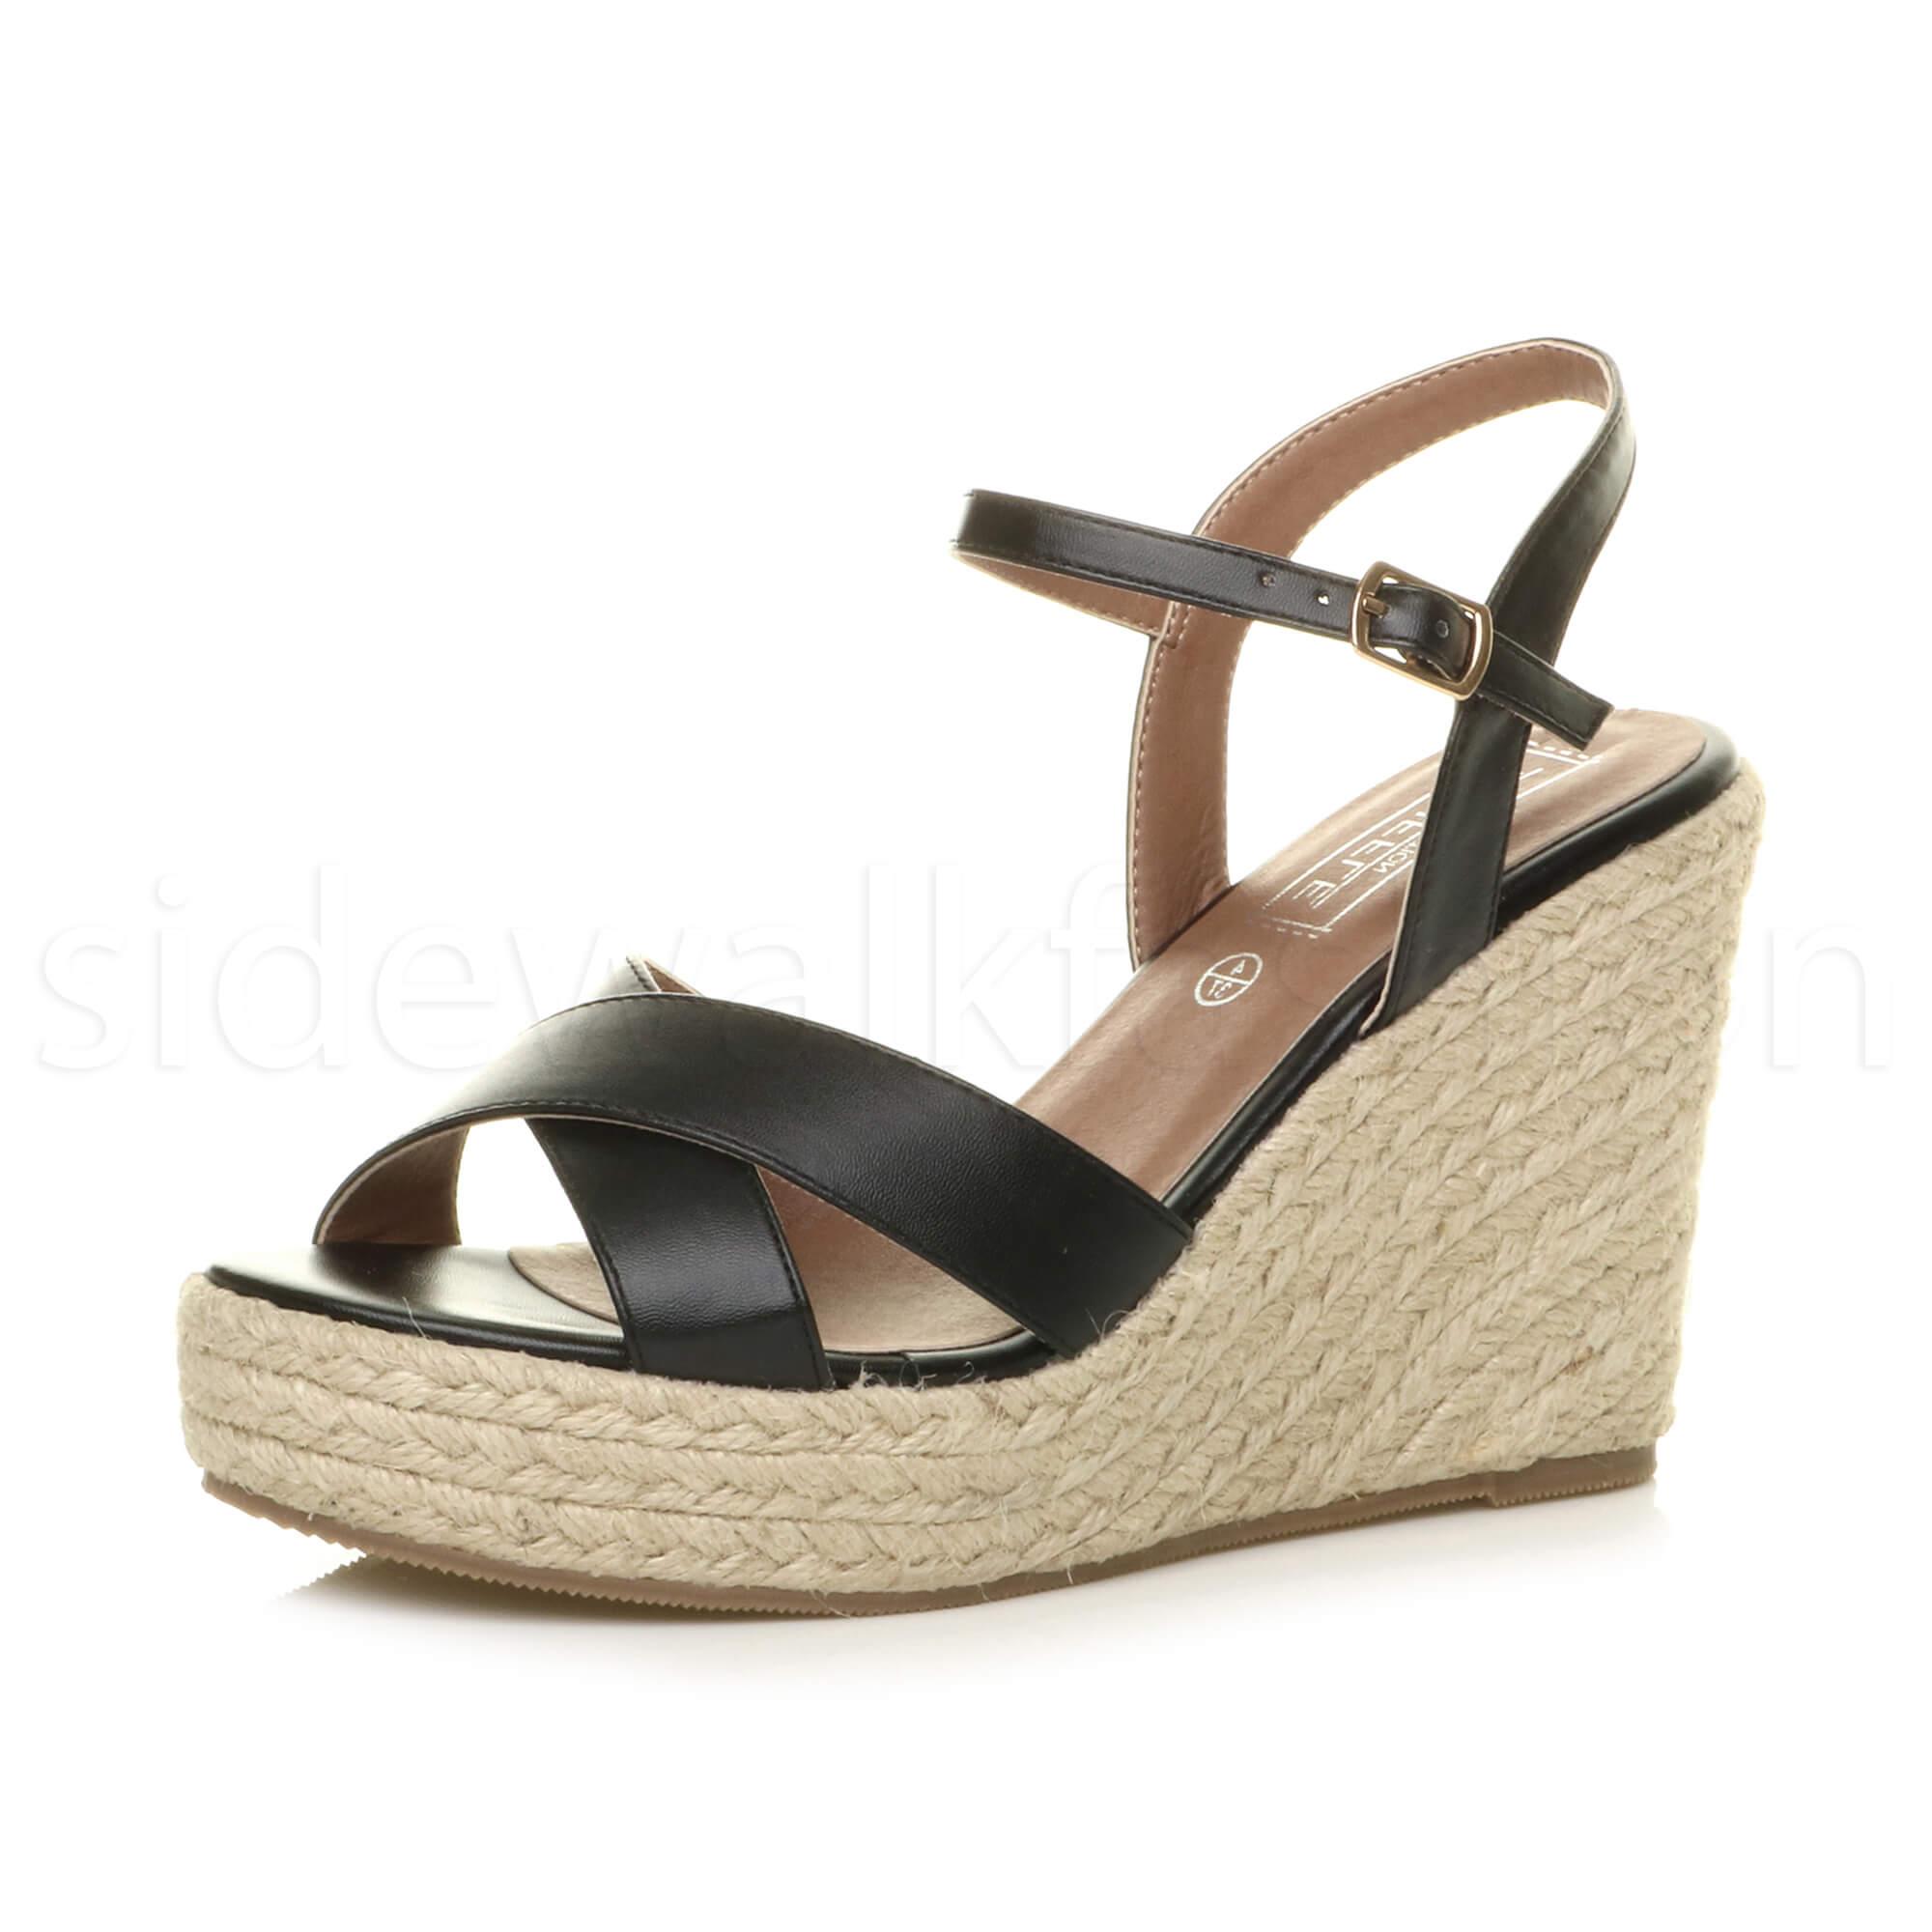 Fantastic Clothing Shoes Accessories Gt Women39s Shoes Gt Sandals FlipFlops